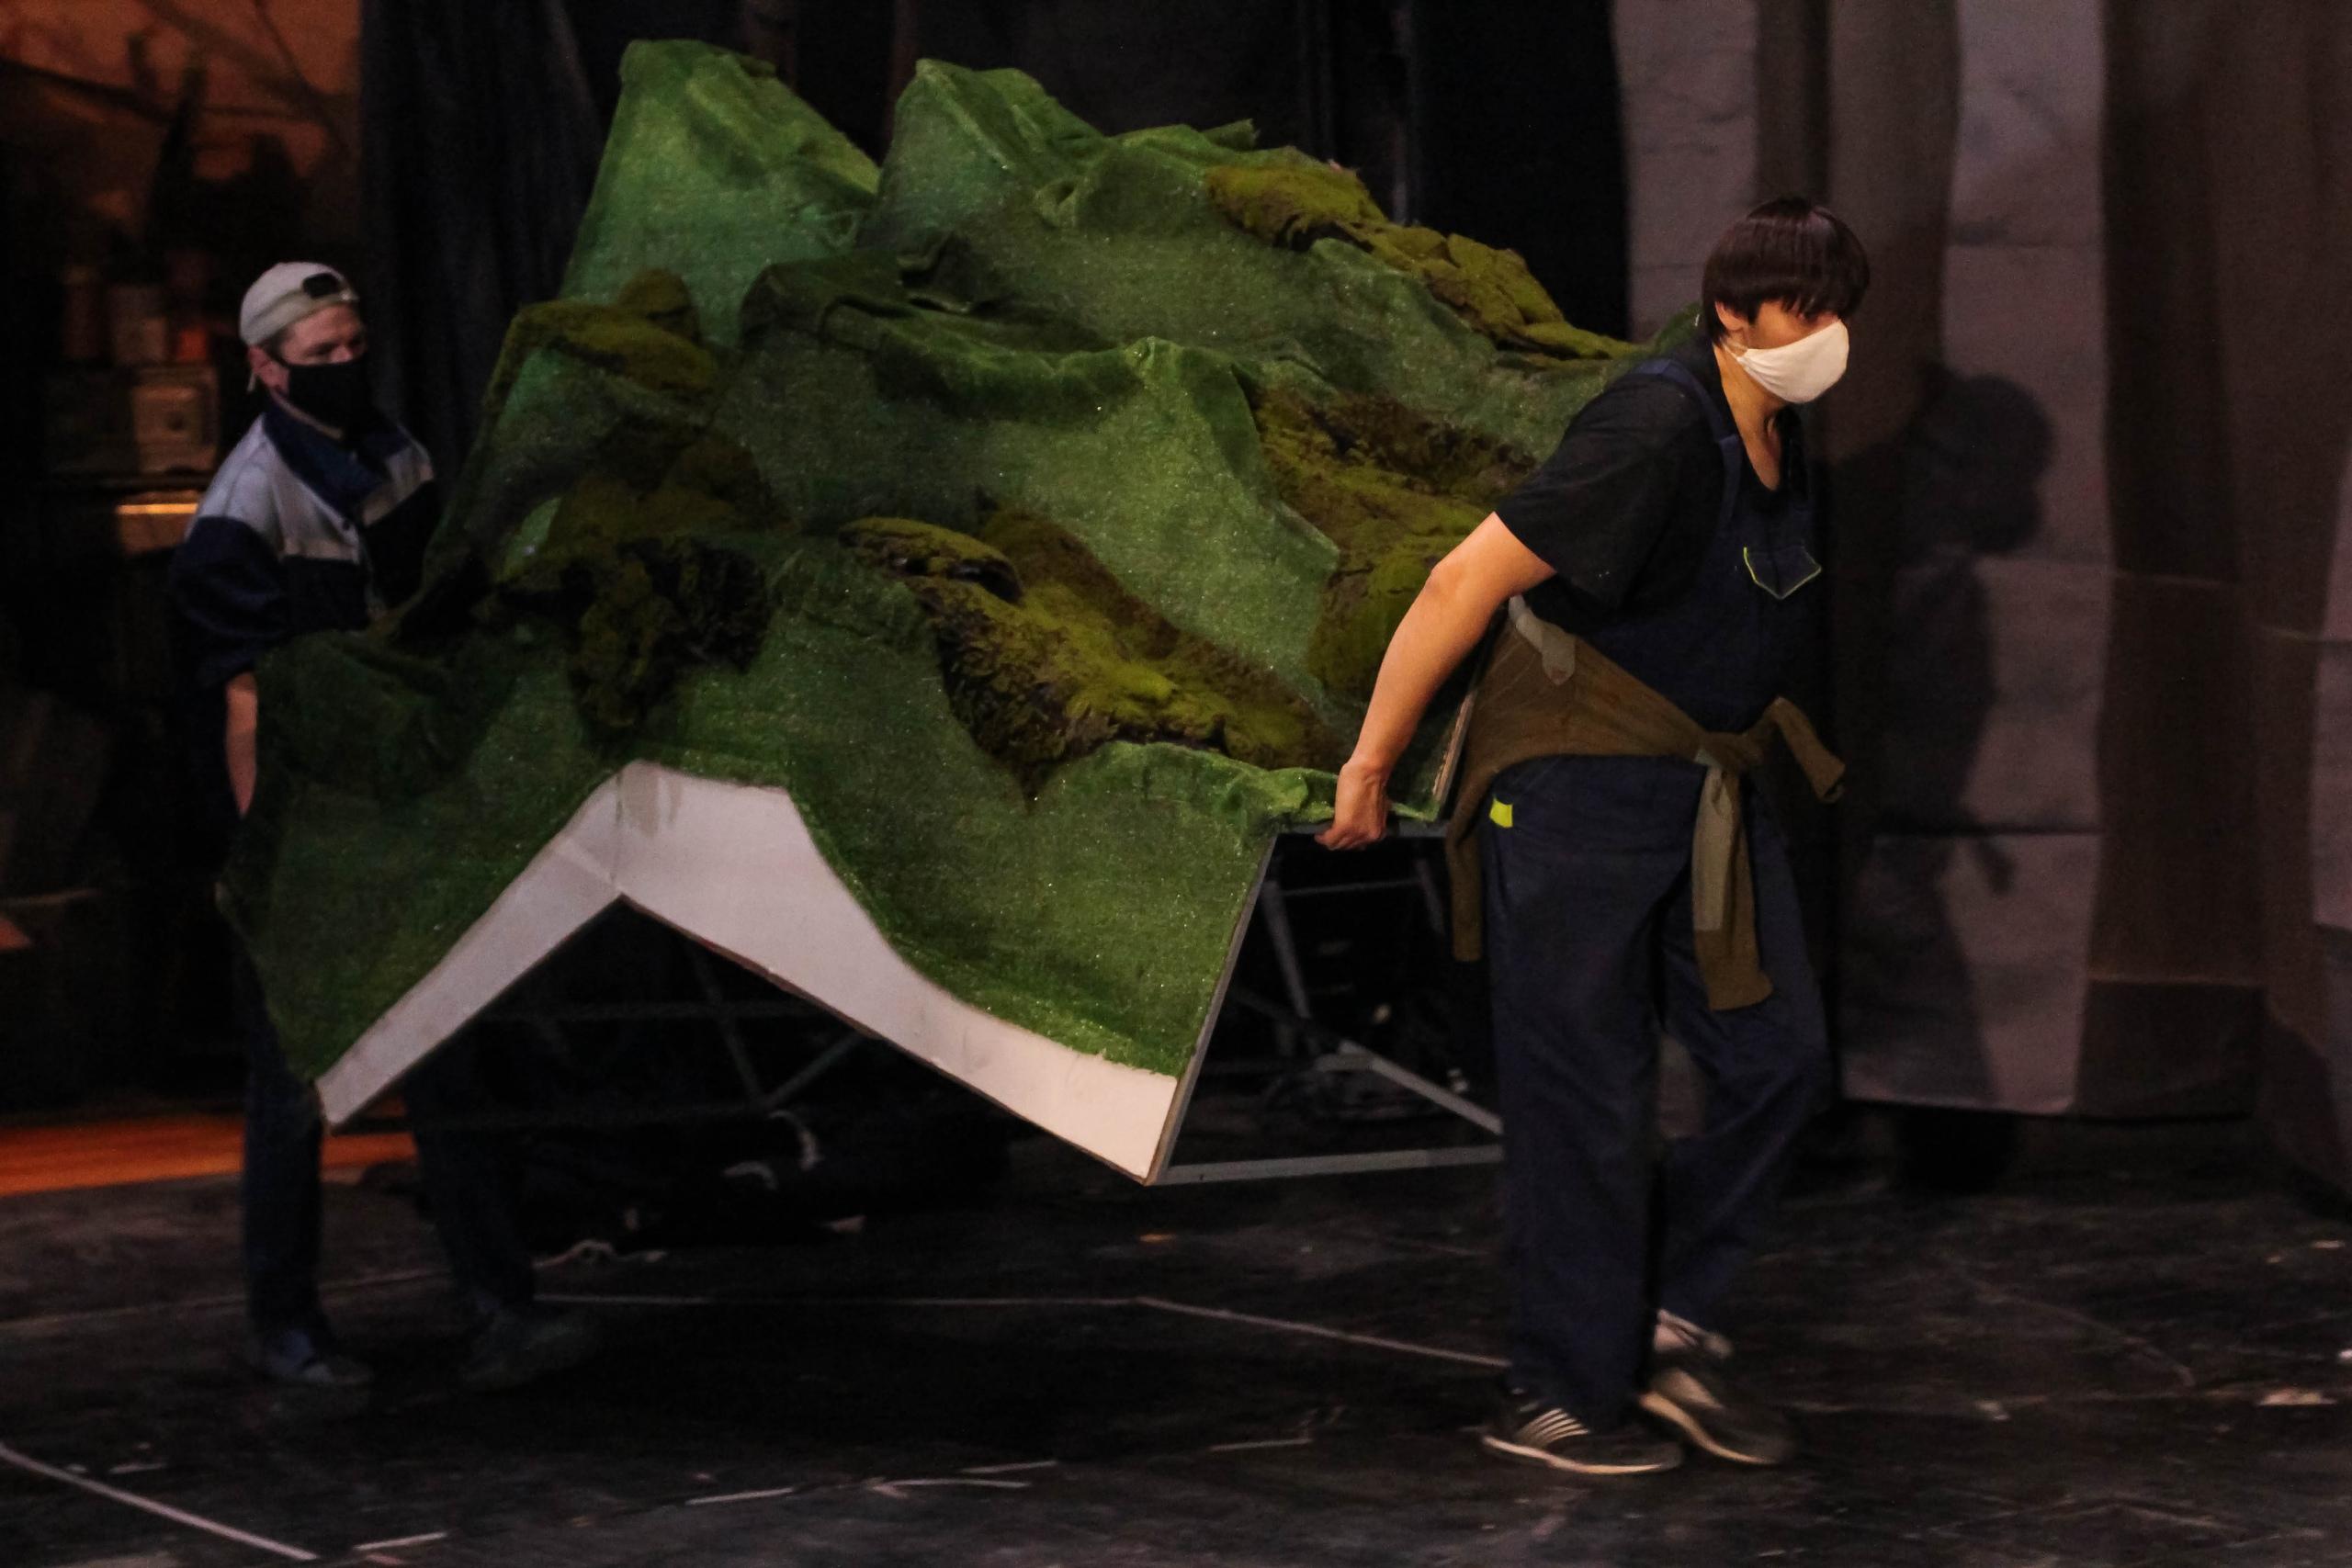 Секреты закулисья: кто остается в Тверском театре юного зрителя после спектакля